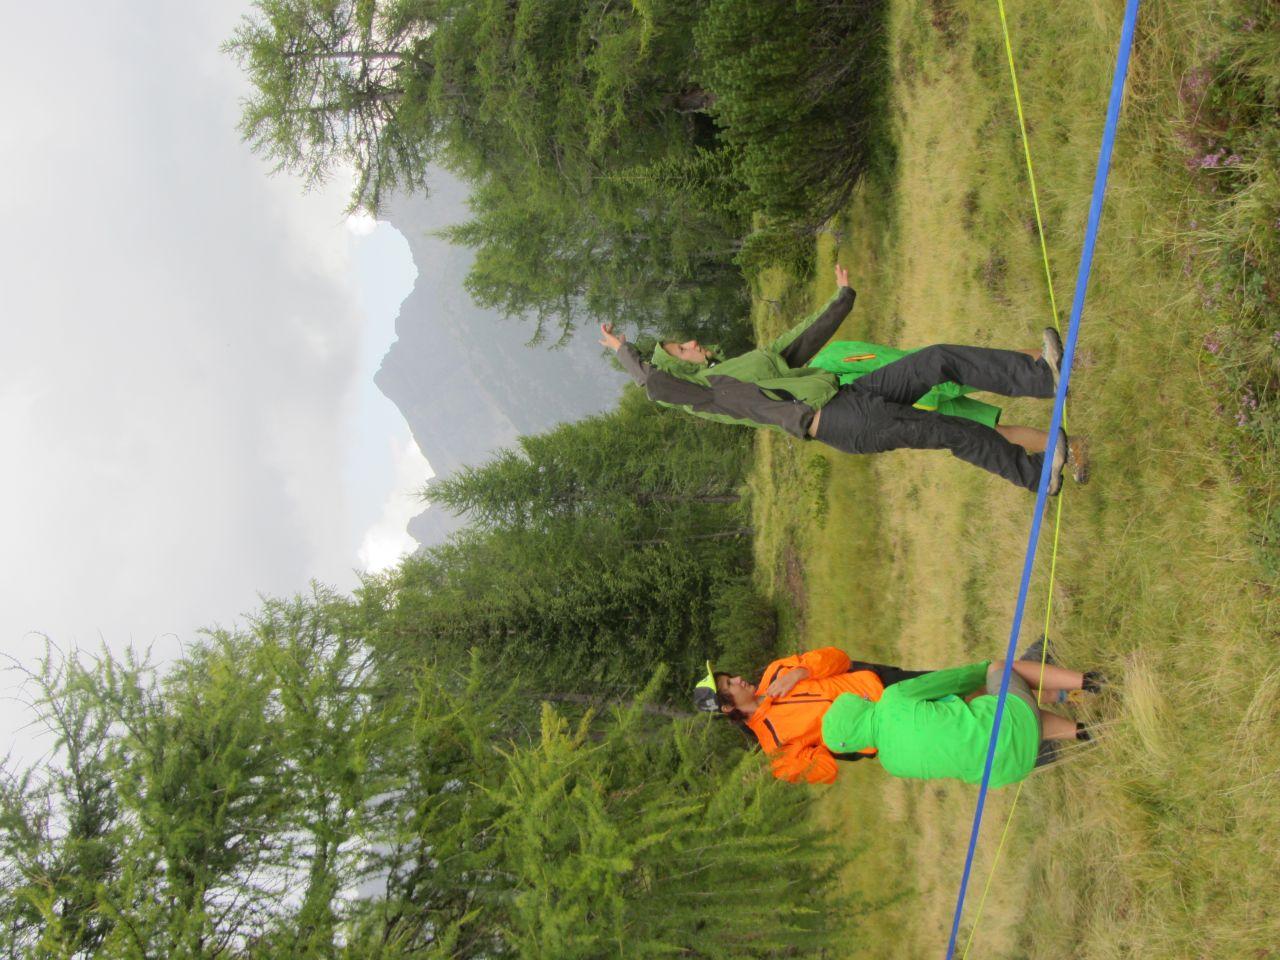 Klettergurt Gelbox : Klettersteig gehen englisch: klettersteige in bayern: die top 5.